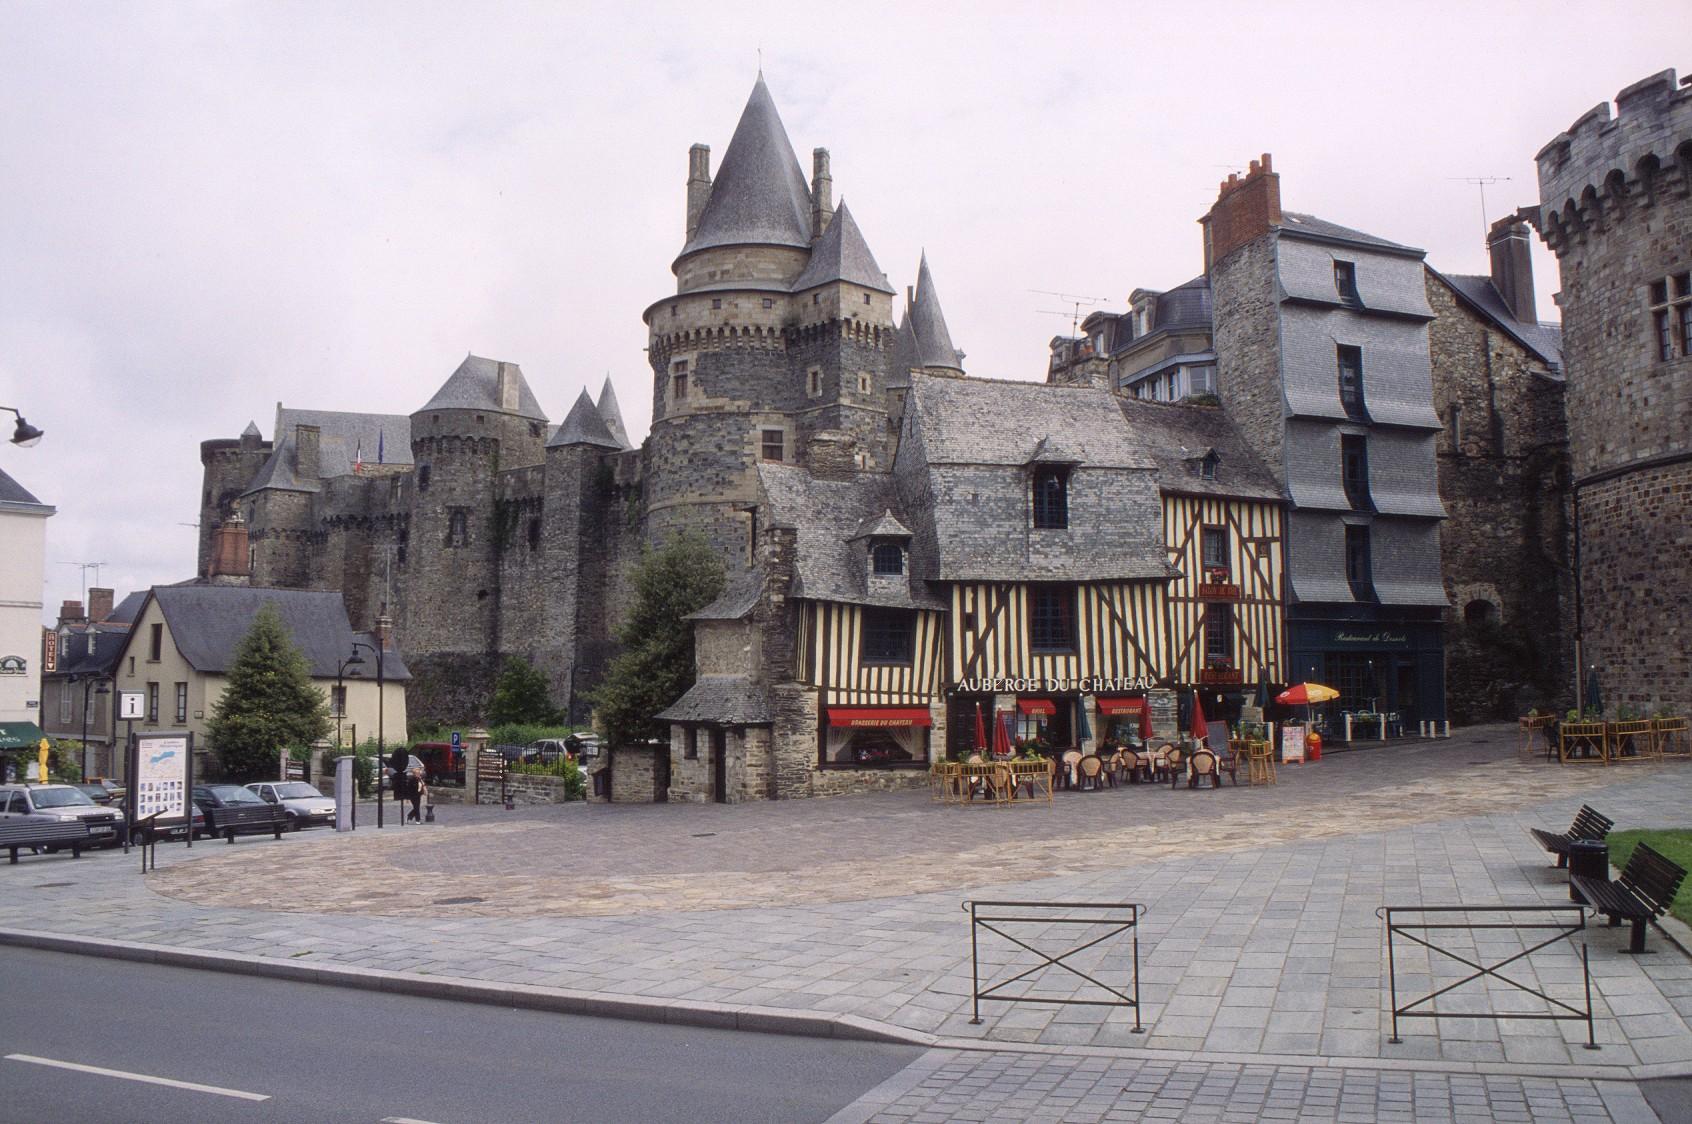 Francie - Bretaň - Vitré je město s největším počtem památek v Bretani a ještě i tzv. květinové město